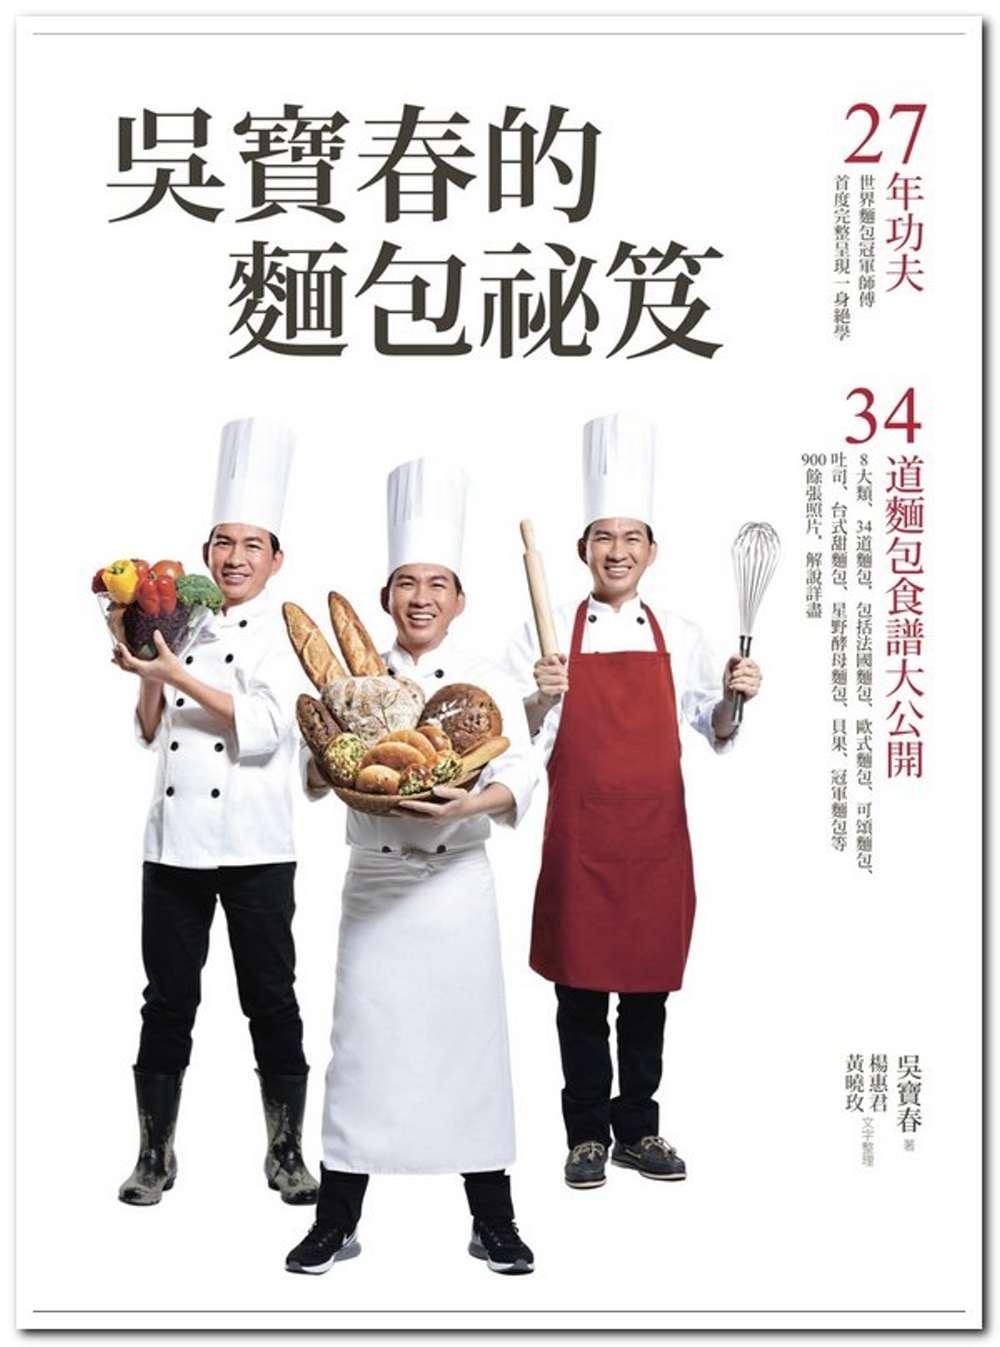 吳寶春的麵包祕笈:27年功夫‧34道麵包食譜大公開